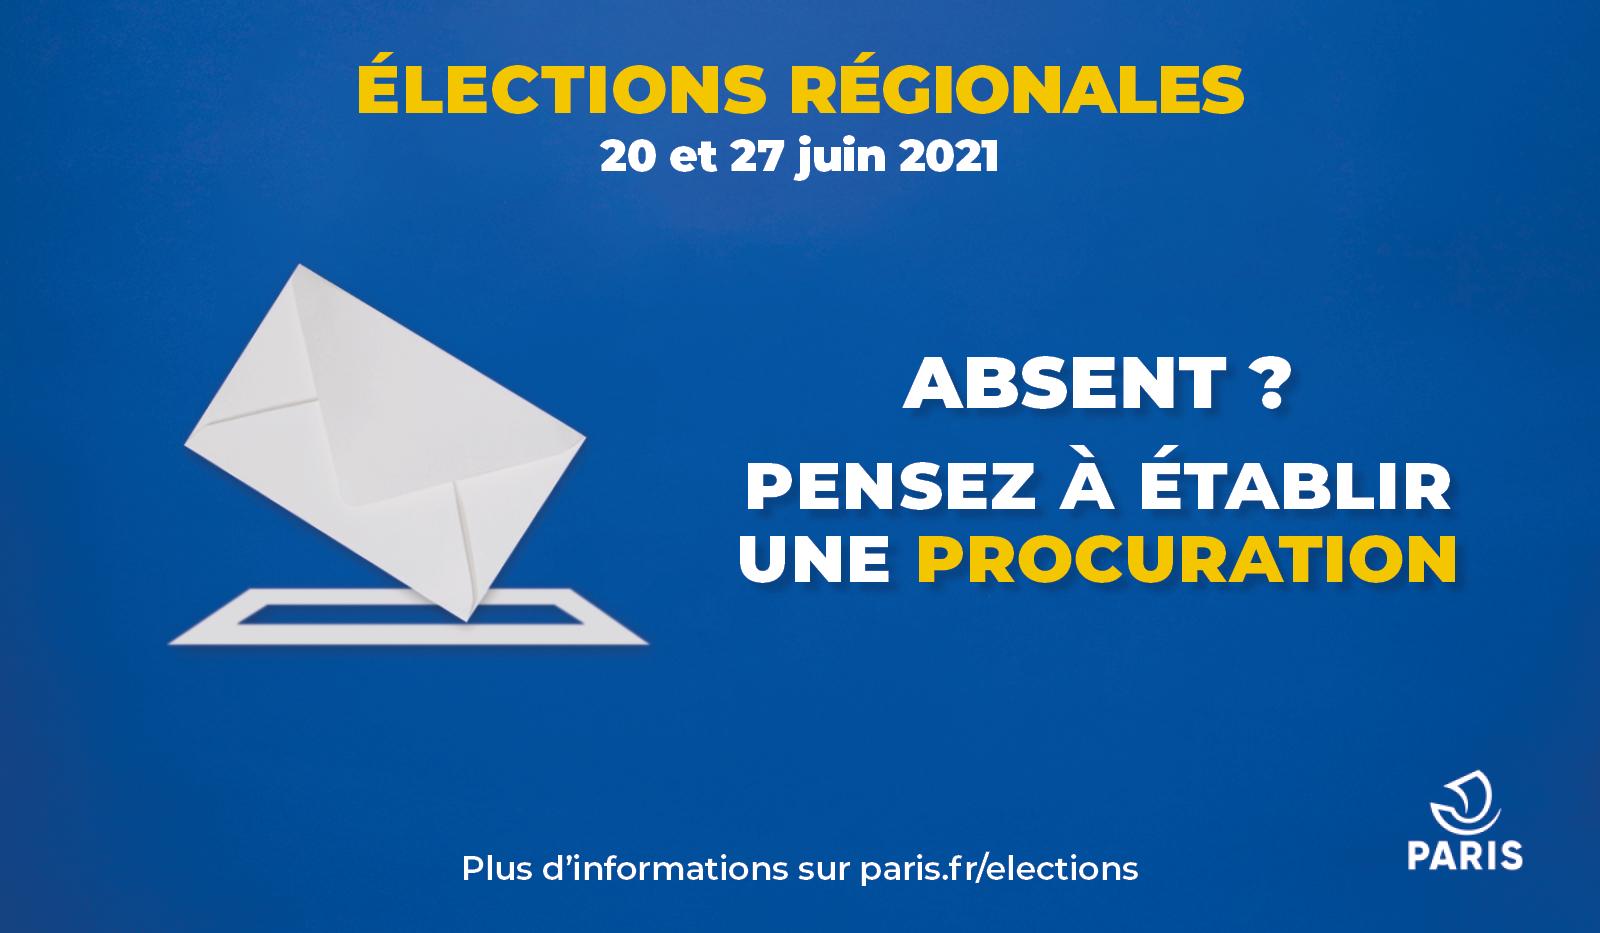 Elections régionales - Absent ? Pensez à établir une procuration